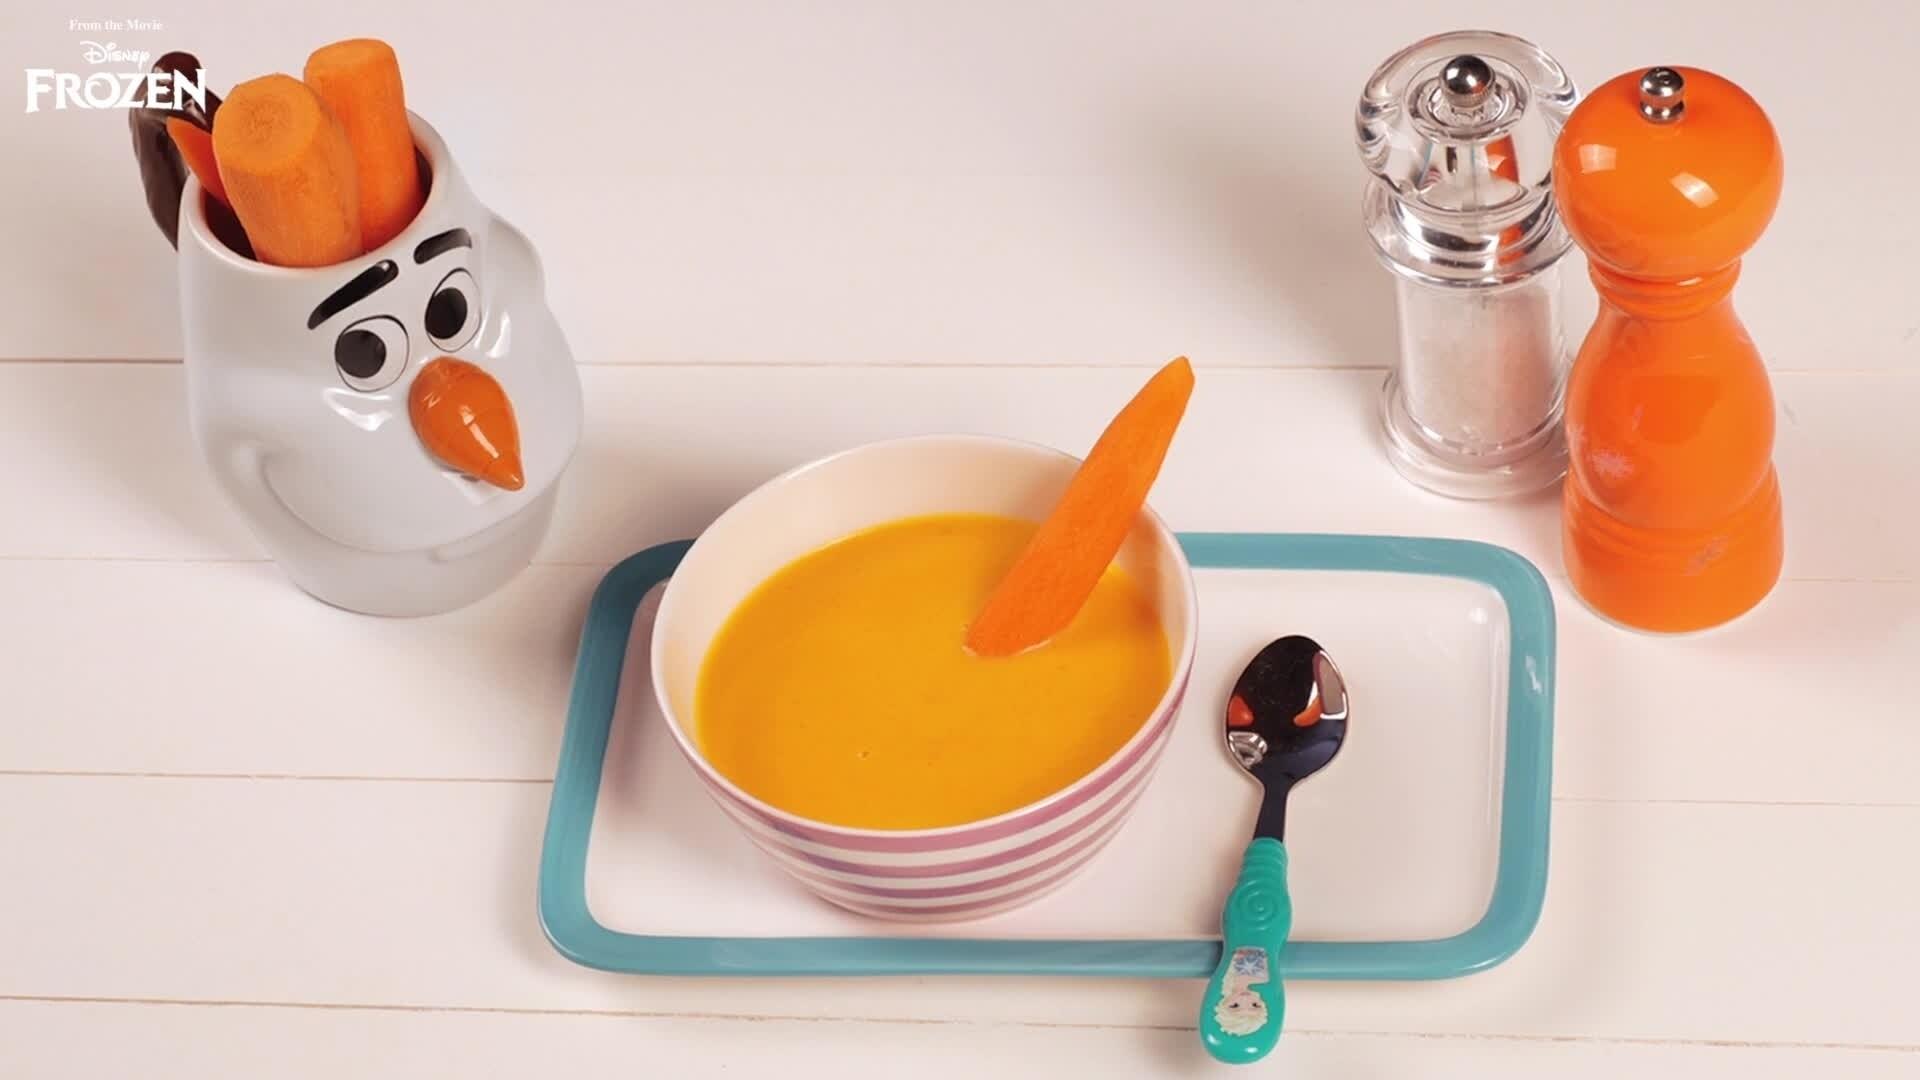 Le ricette di Chiara Maci: Crema di carote di Olaf